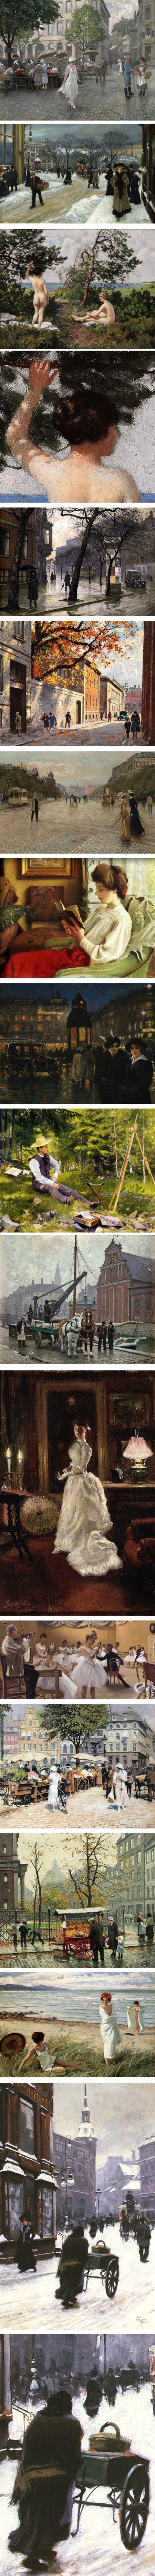 Danish painter Paul Gustav Fischer, urban scenes of Cpenhagen